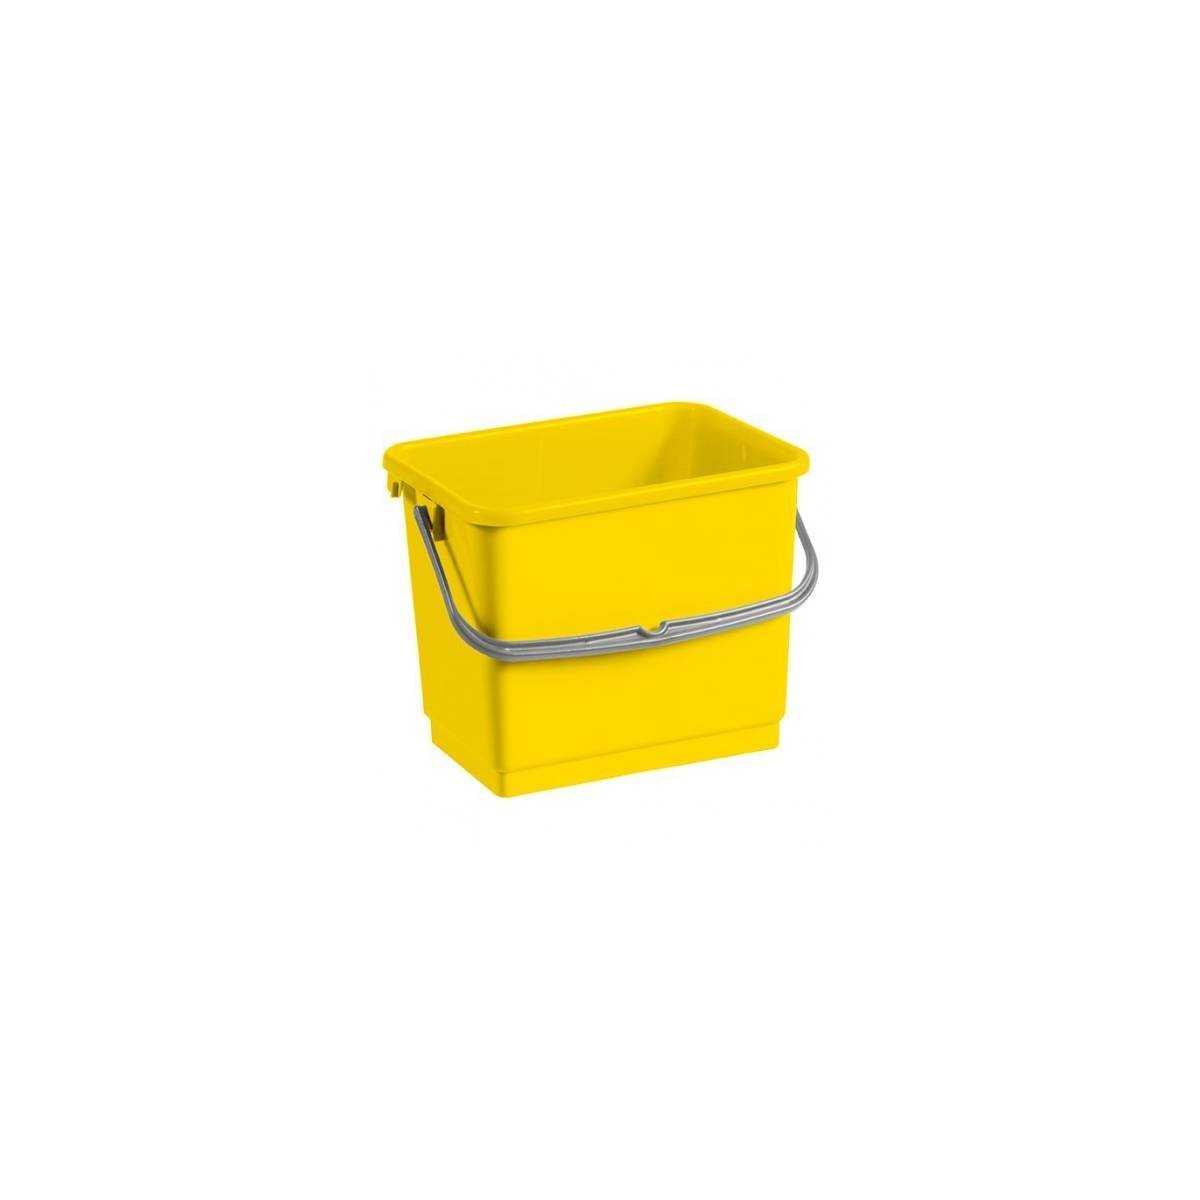 Ведро для уборки с ручкой 4л (Желтого цвета) 00003360 TTS